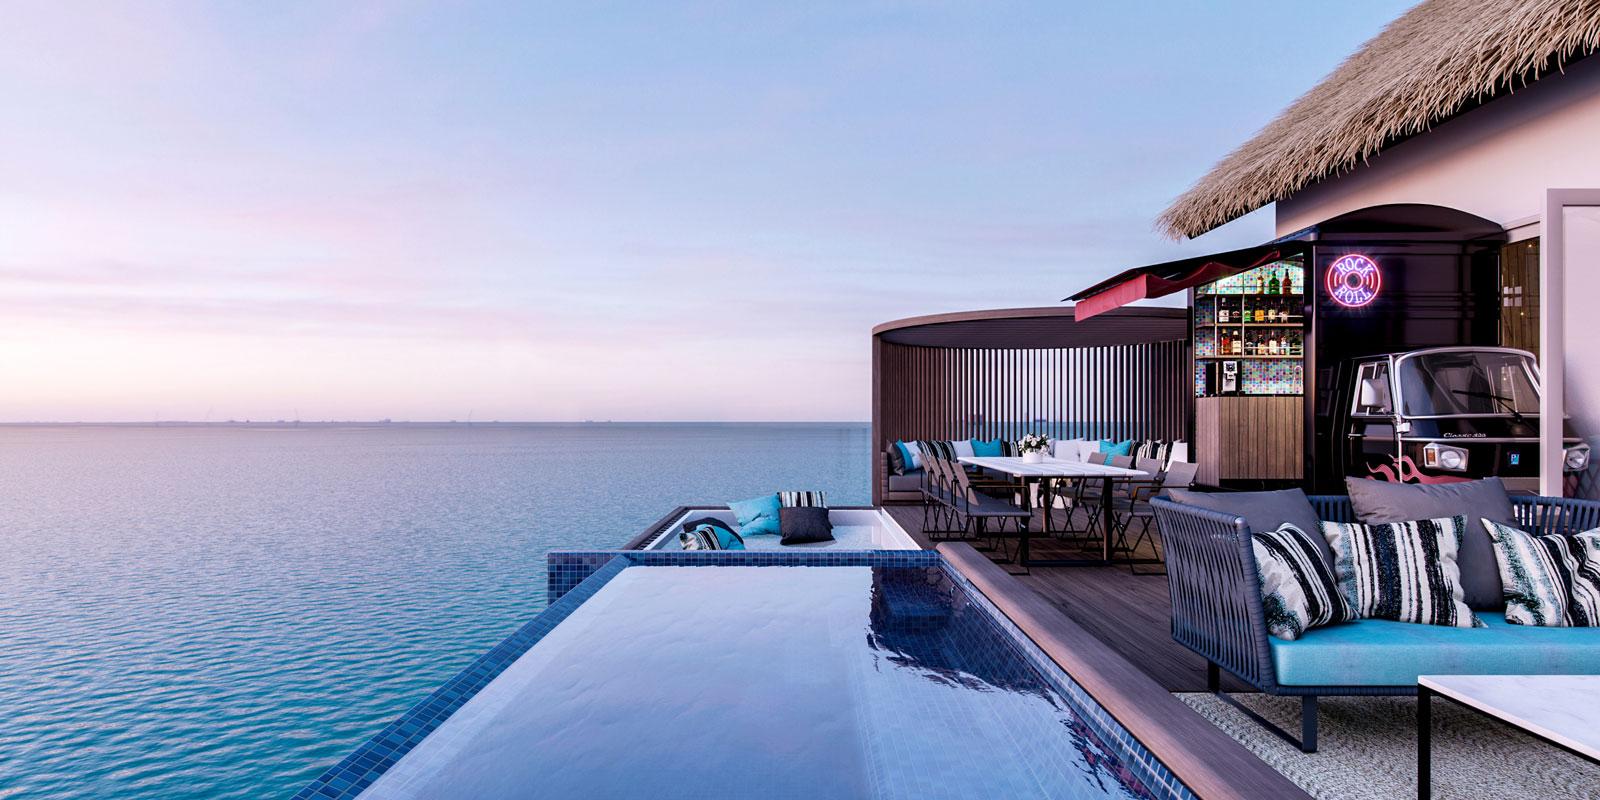 Hard-Rock-Hotel-Maldives_1600x800